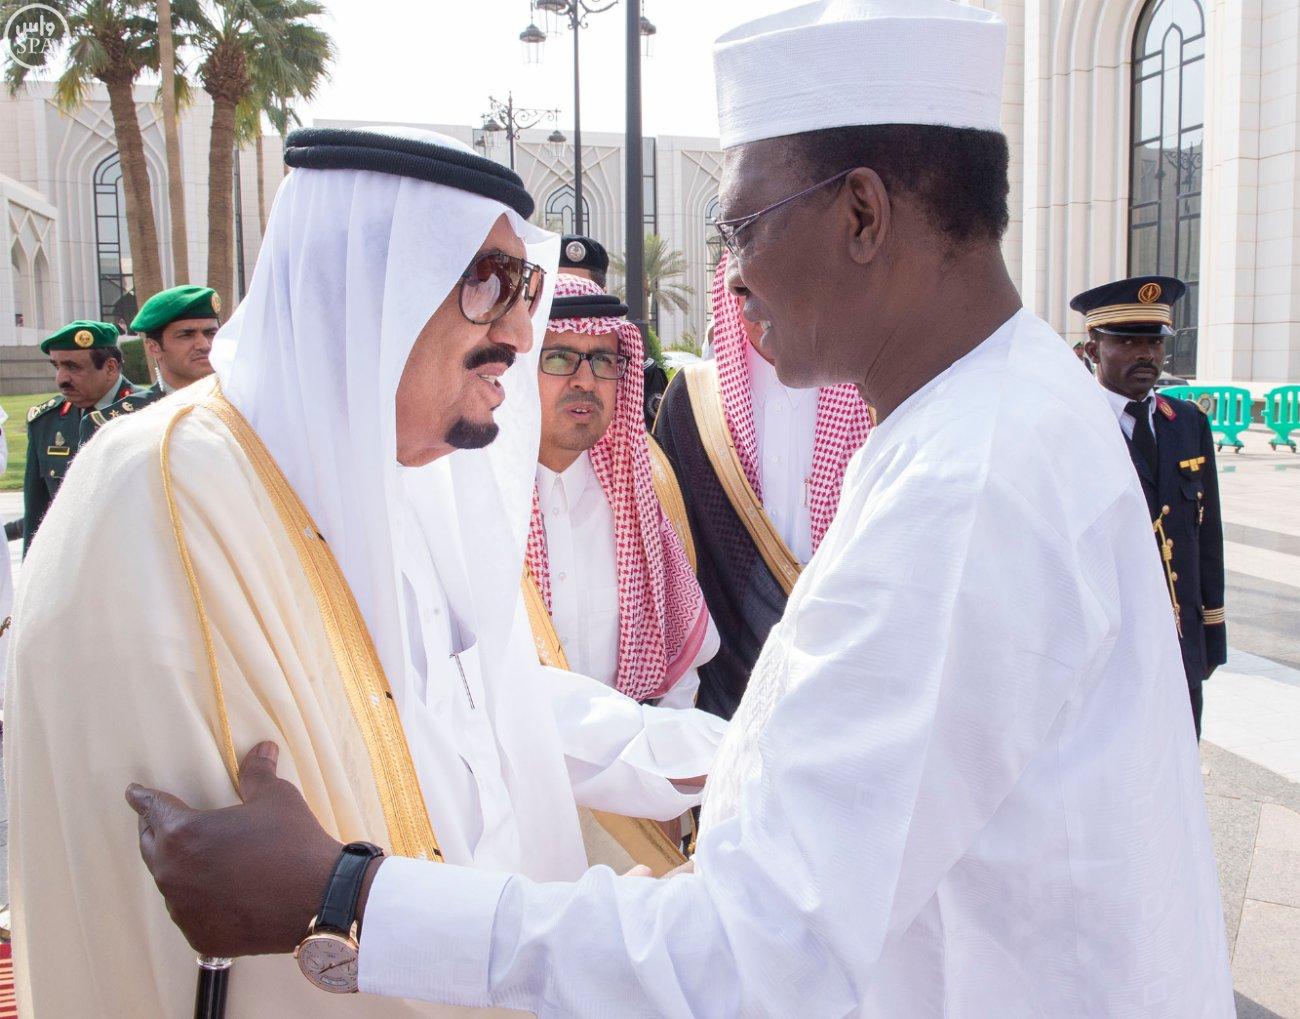 خادم الحرمين الشريفين يستقبل فخامة رئيس جمهورية تشاد 4